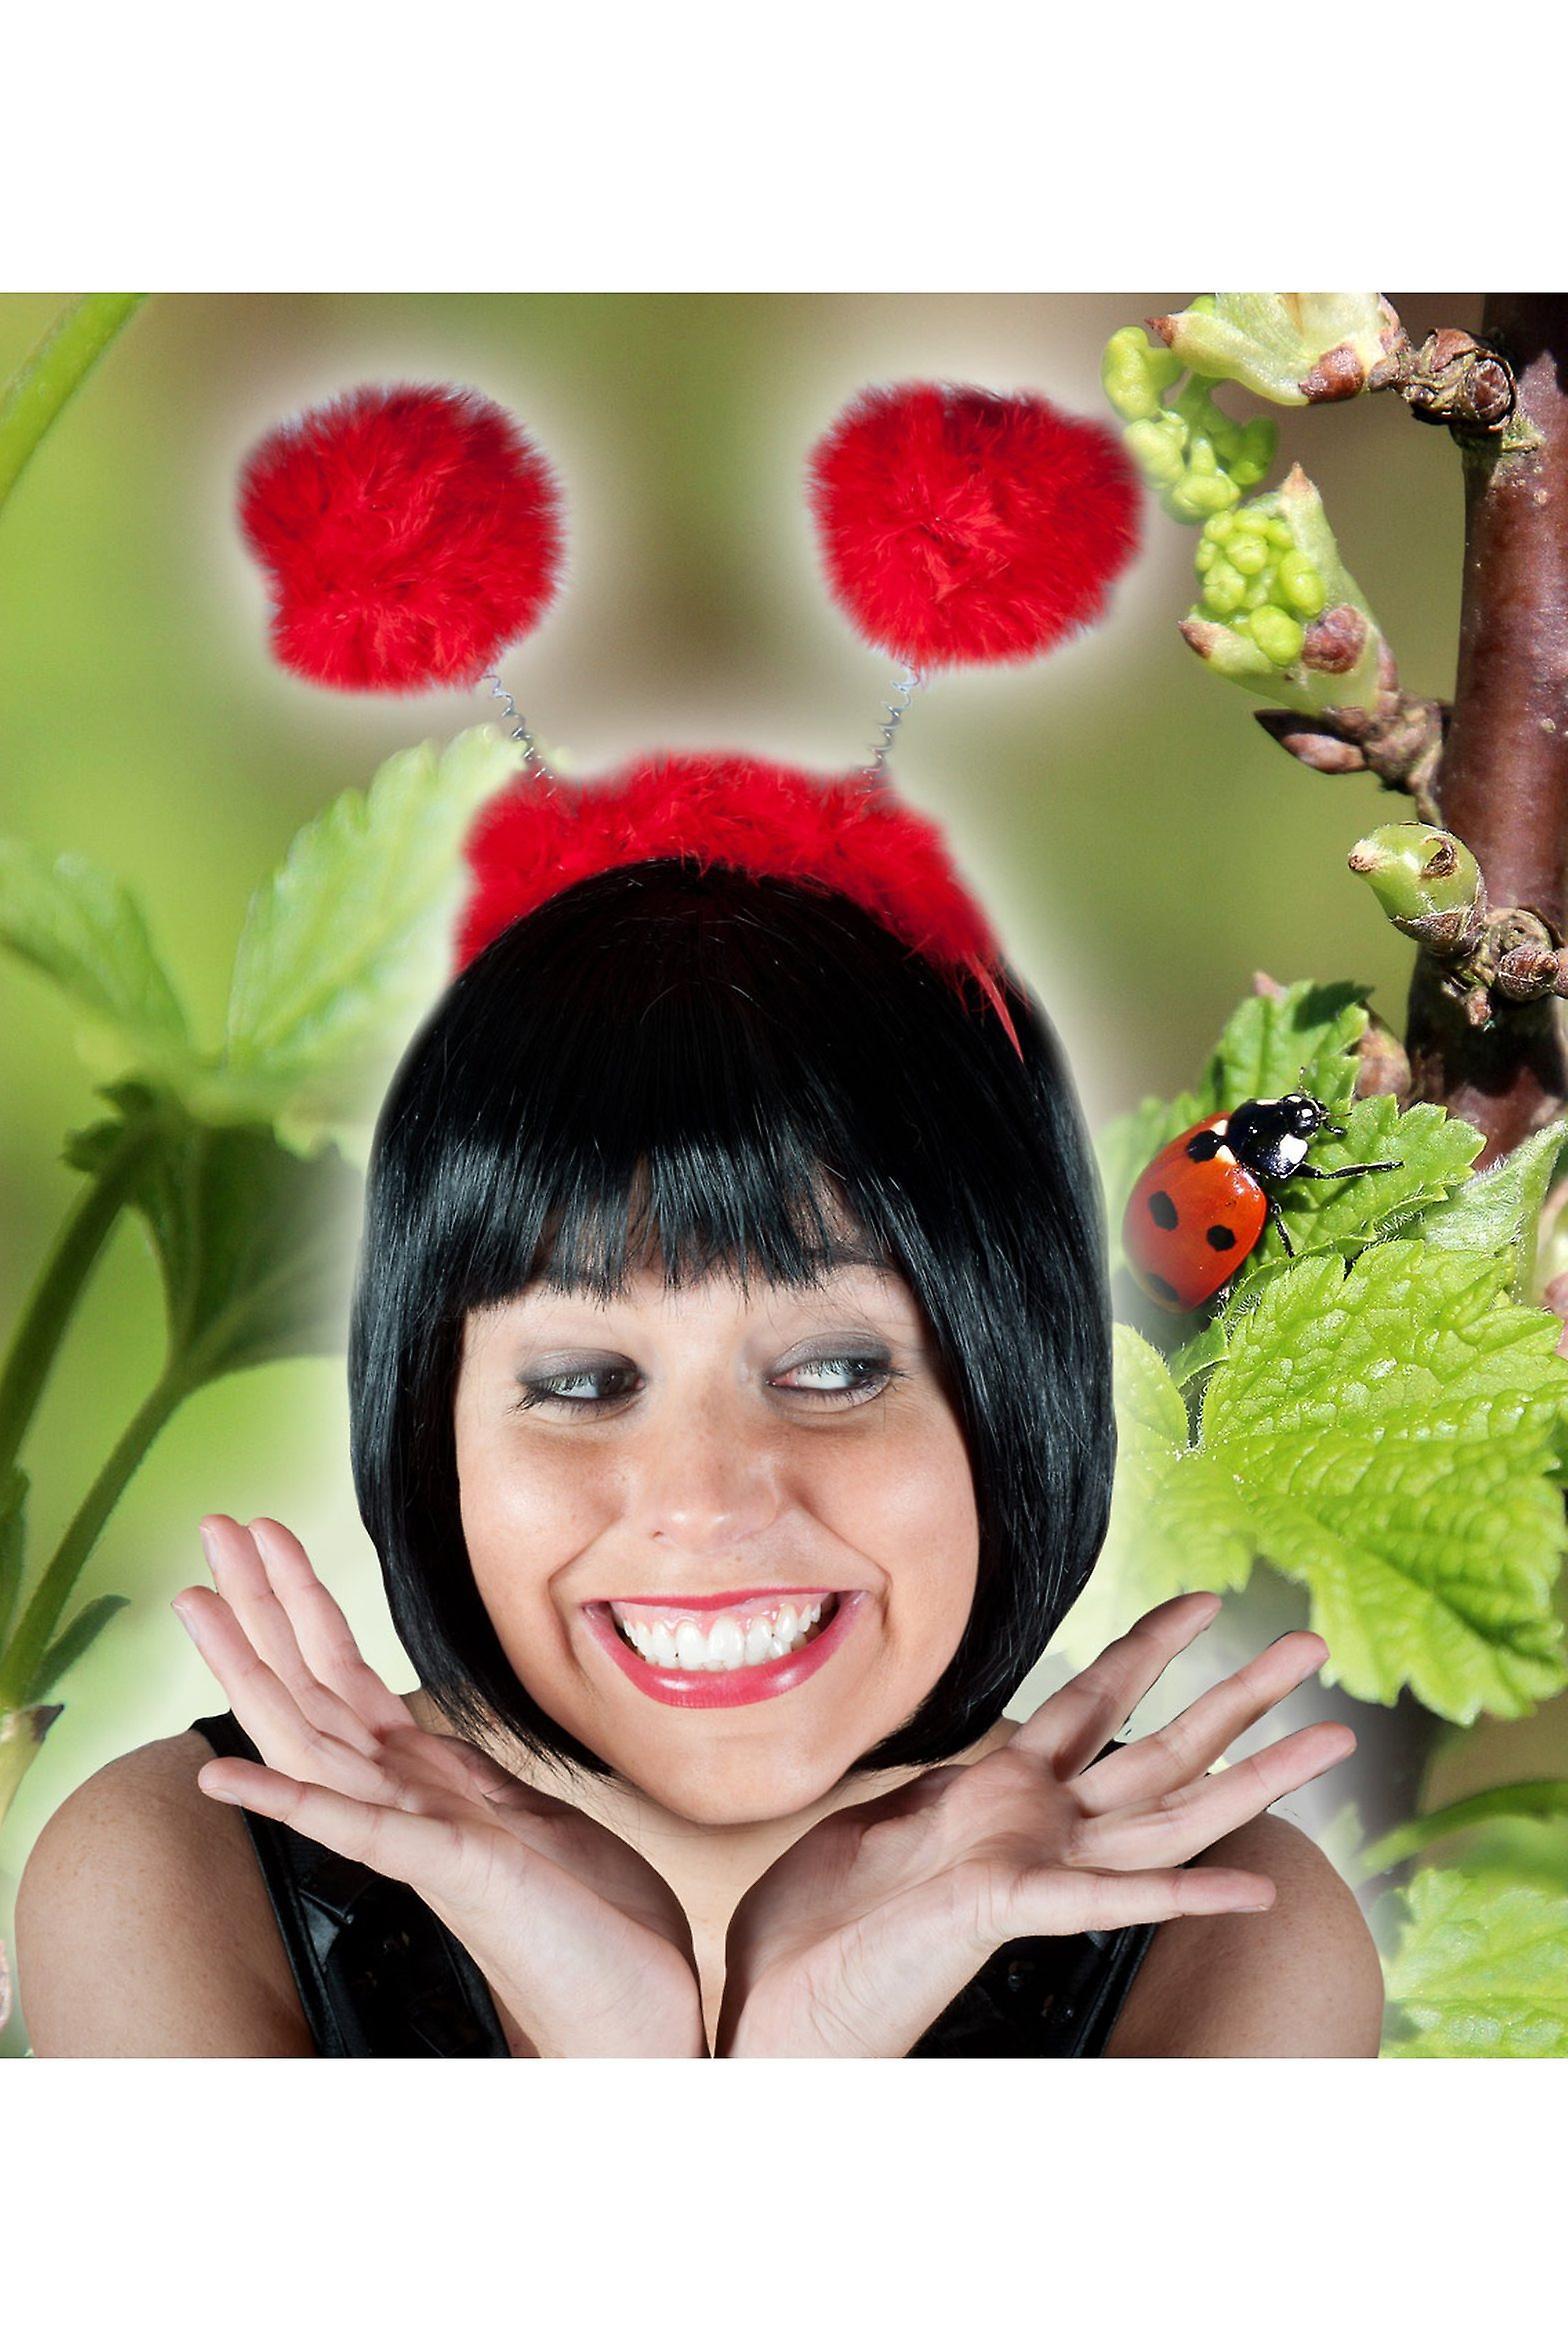 Accessoires Antennes Cheveux Pour Pour Rouges Rouges Accessoires Cheveux bfy76g